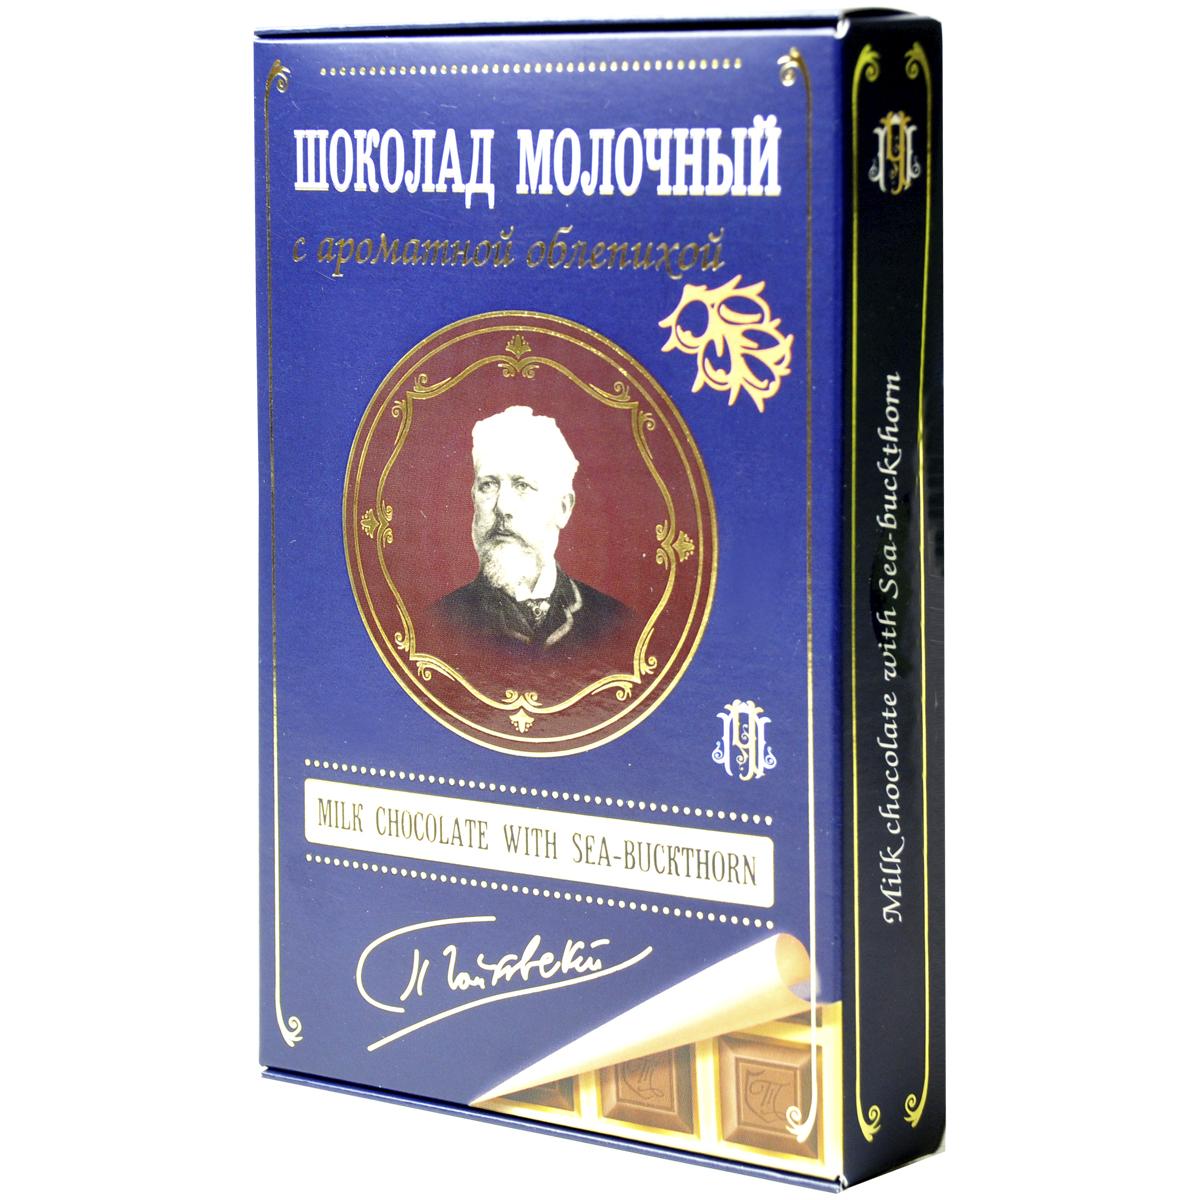 Шоколад молочный с ароматной облепихой Серия П.Чайковский 112 гр